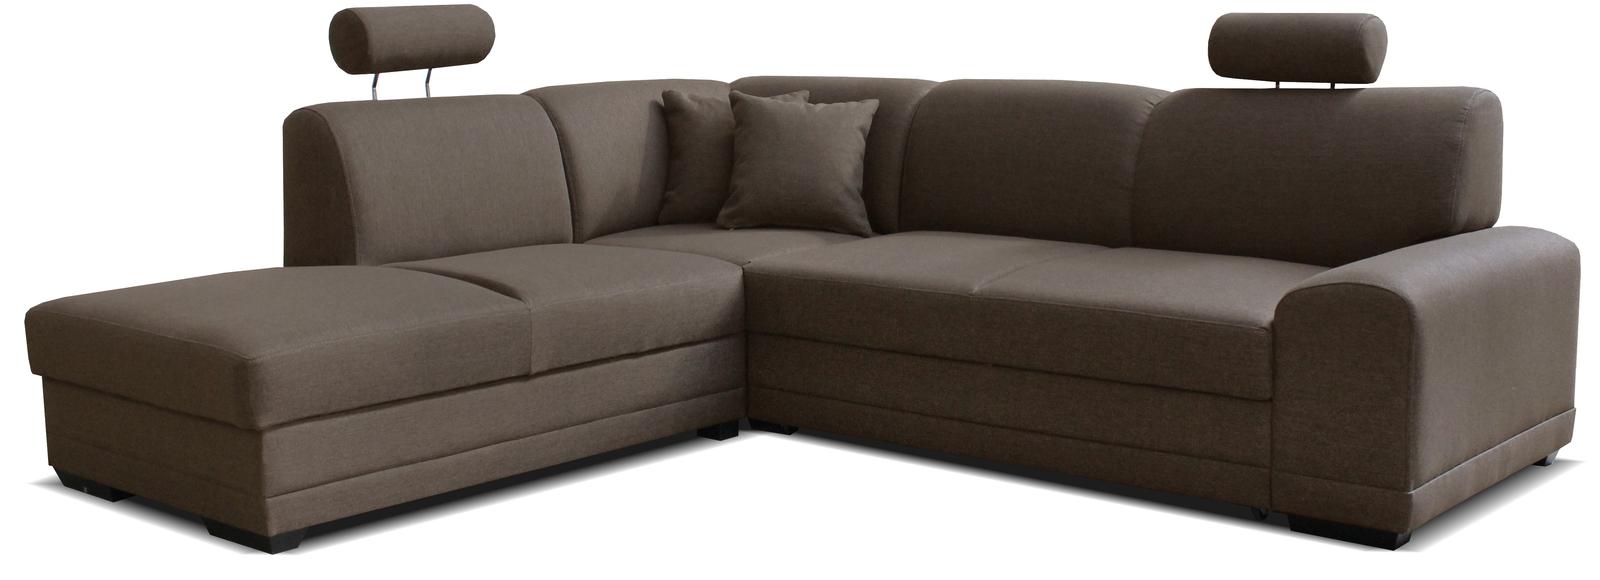 Rohová sedací souprava - Po-Sed - Laon II L+2F (L) hnědá